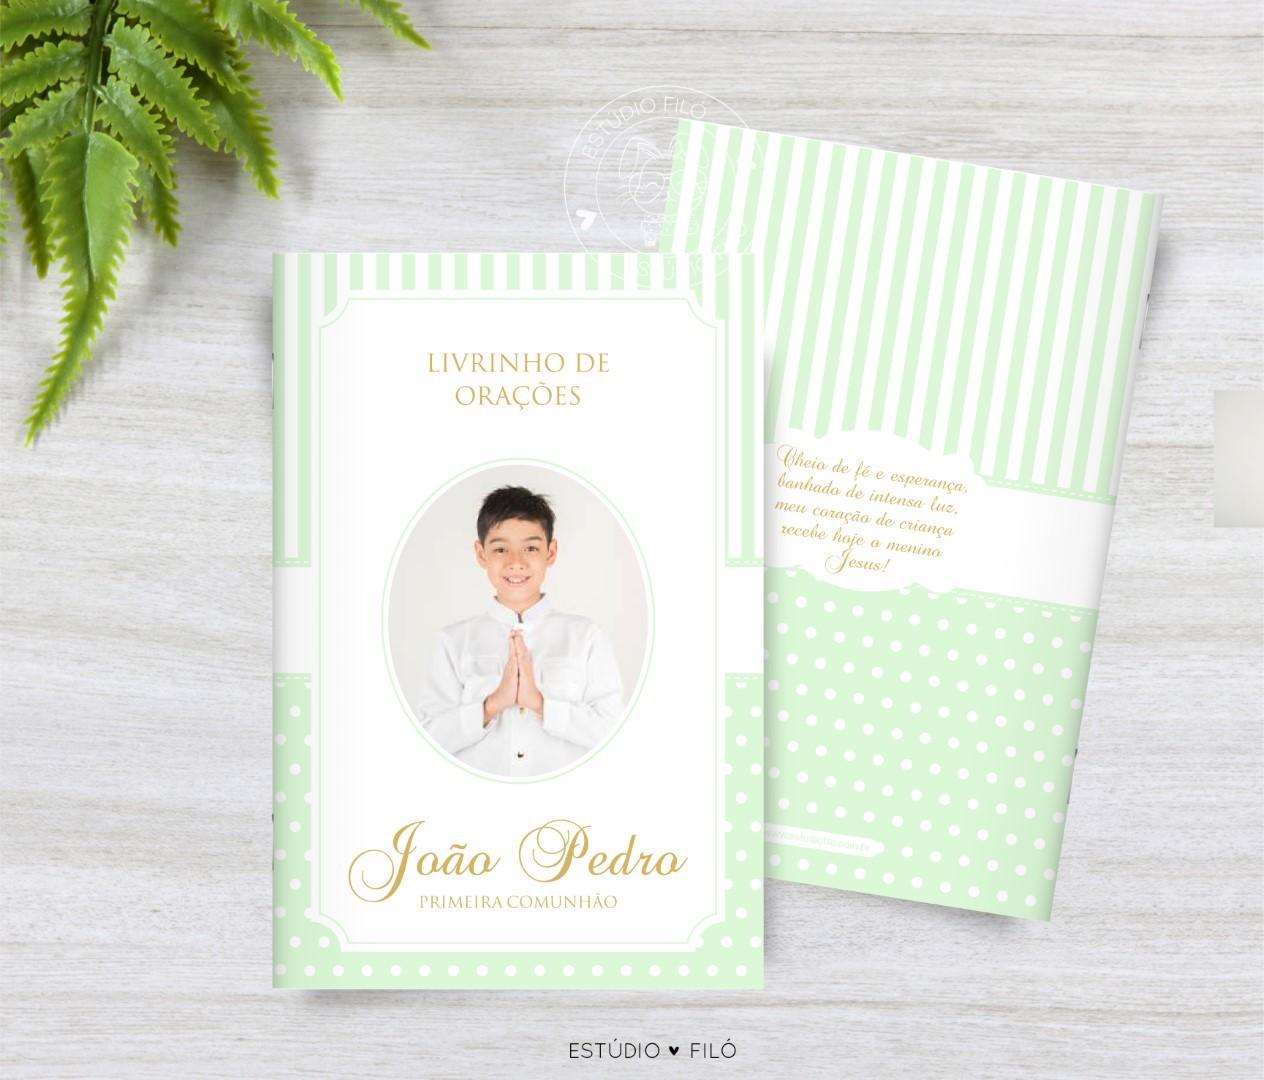 Livrinho de orações com foto lembrancinha para primeira eucaristia